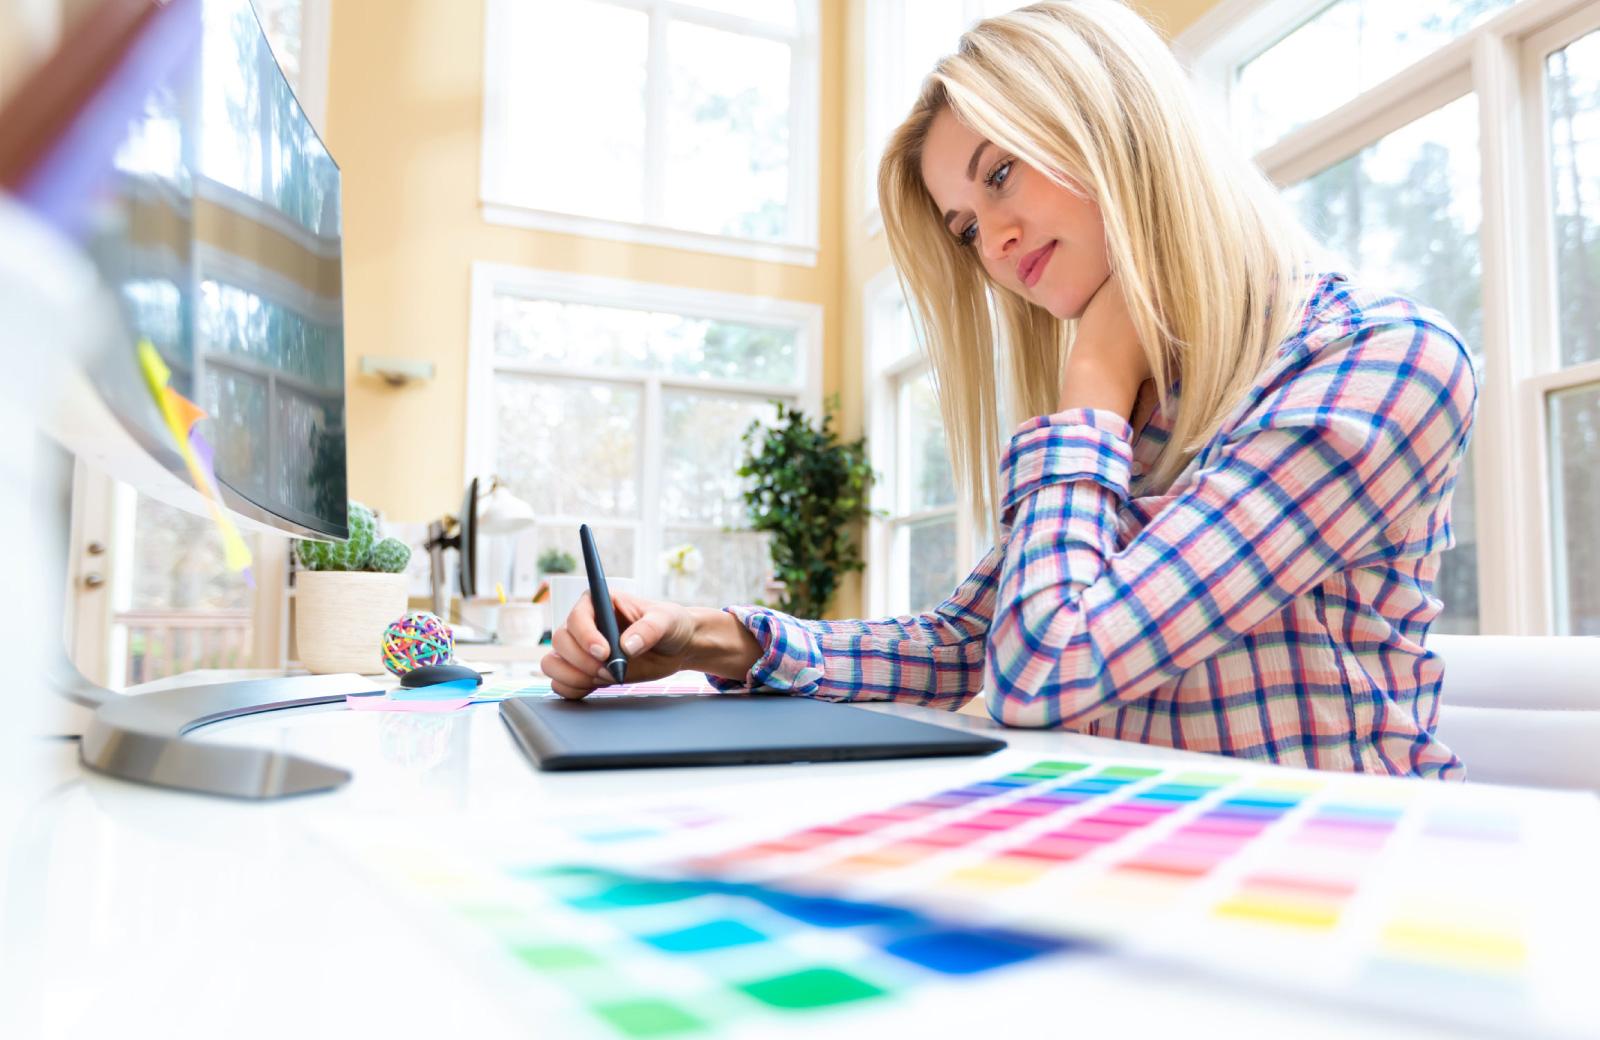 female student sketching some designs west village davis